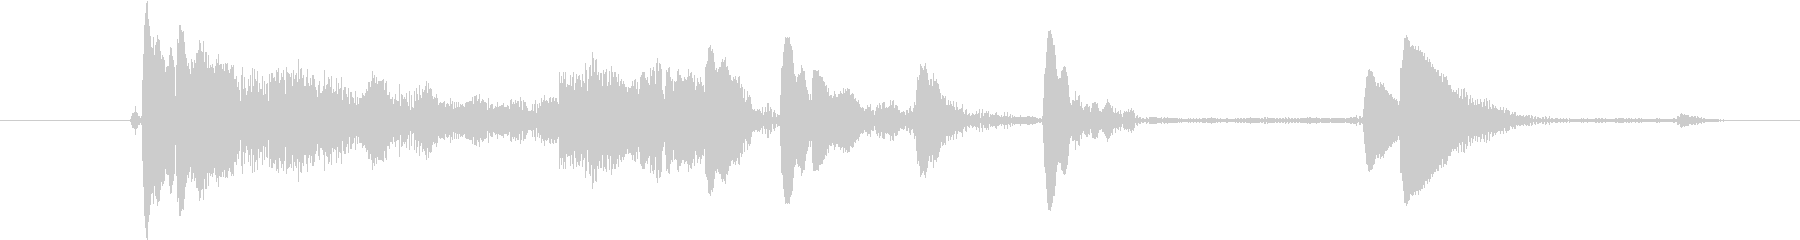 メタルクッキングポット:ハードフロ...の未再生の波形